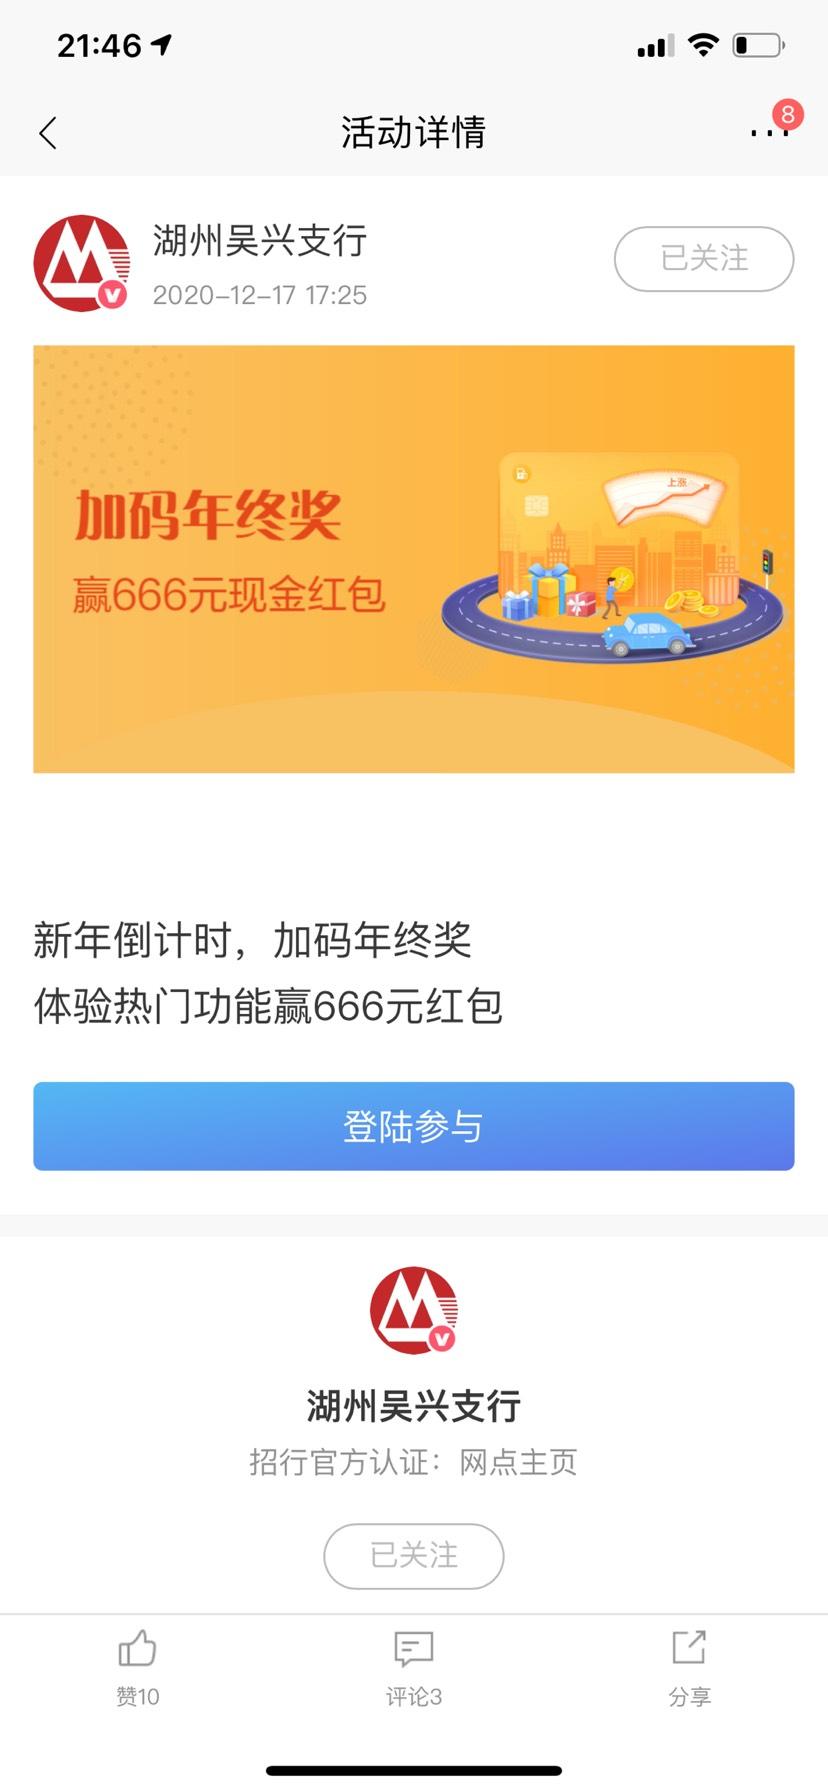 图片[1]-招商银行领现金红包-老友薅羊毛活动线报网